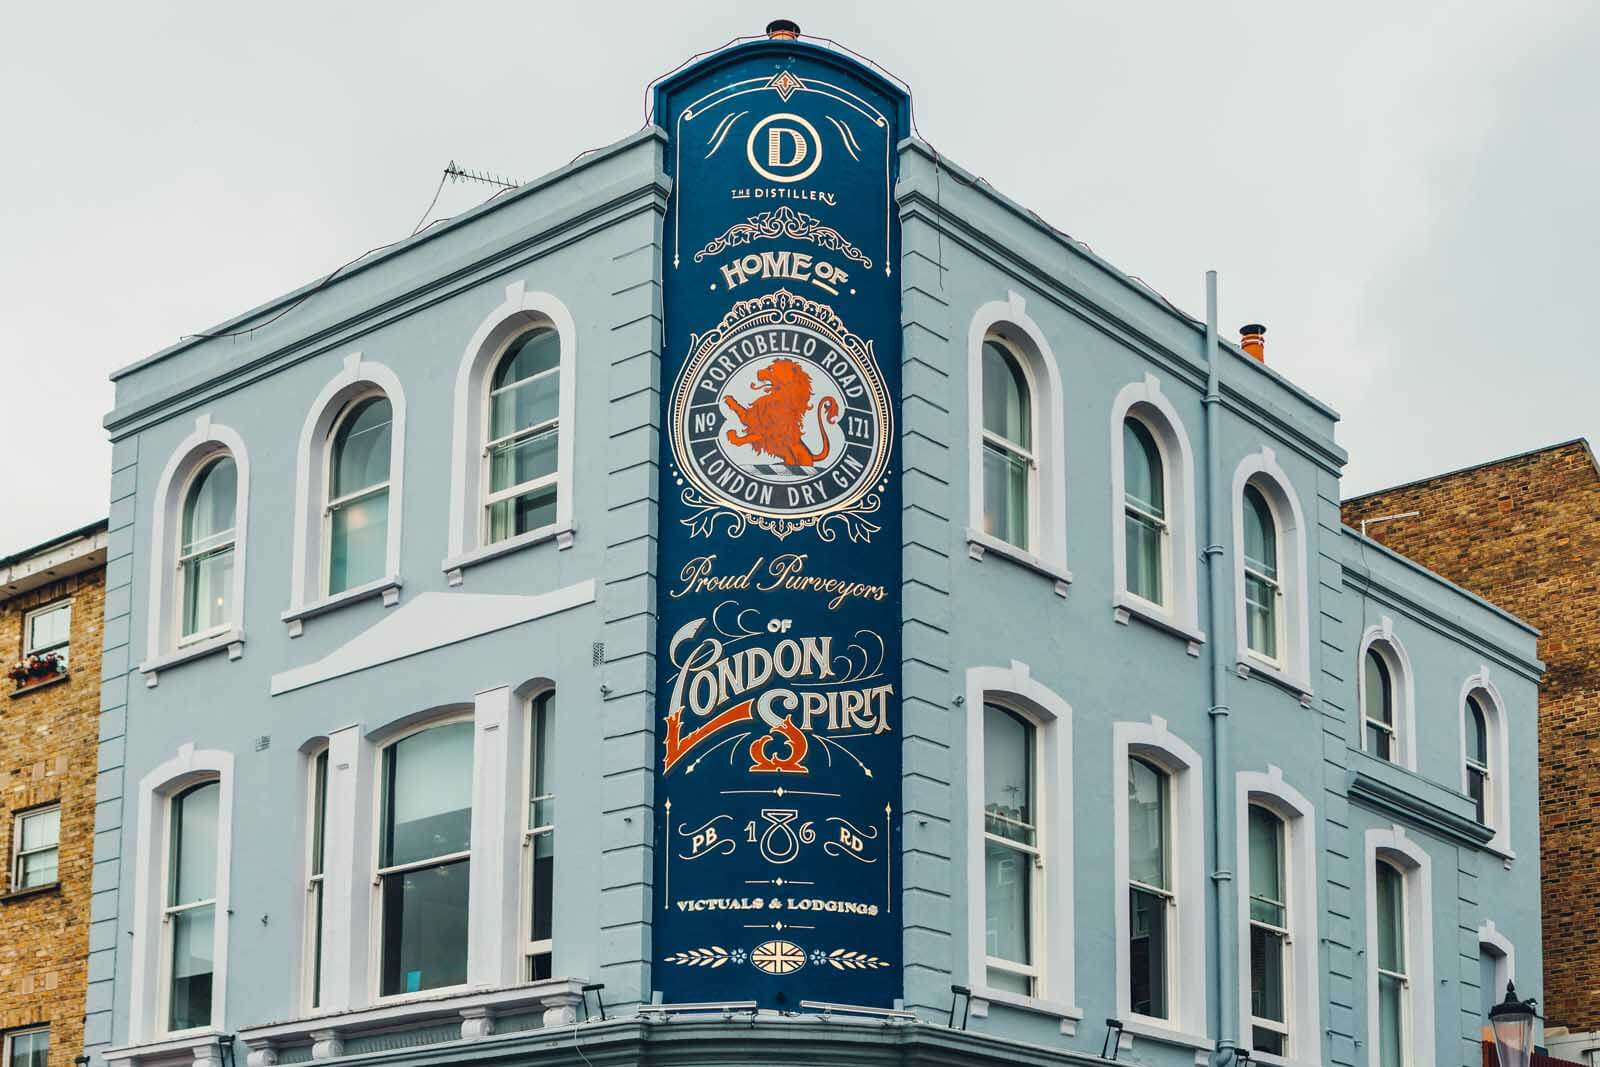 Portobello Road Gin exterior in Notting Hill